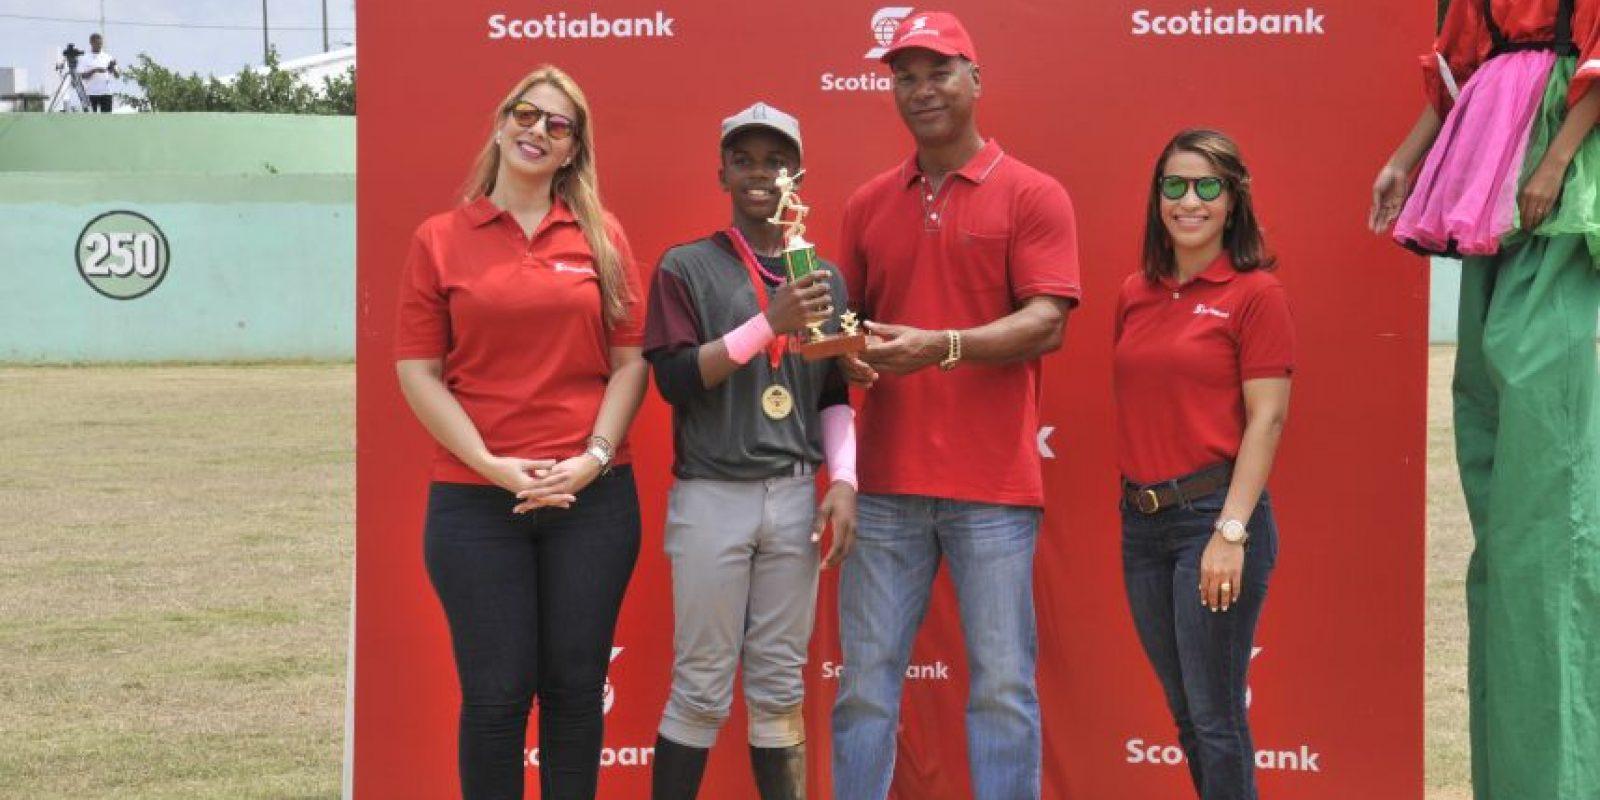 Adael Amador recibe su trofeo de Más Valioso de la Gran Final de mano de Moisés Alou y las ejecutivas de Scotibank Ana Abreu y Lissa Jiménez. Foto:Fuente Externa